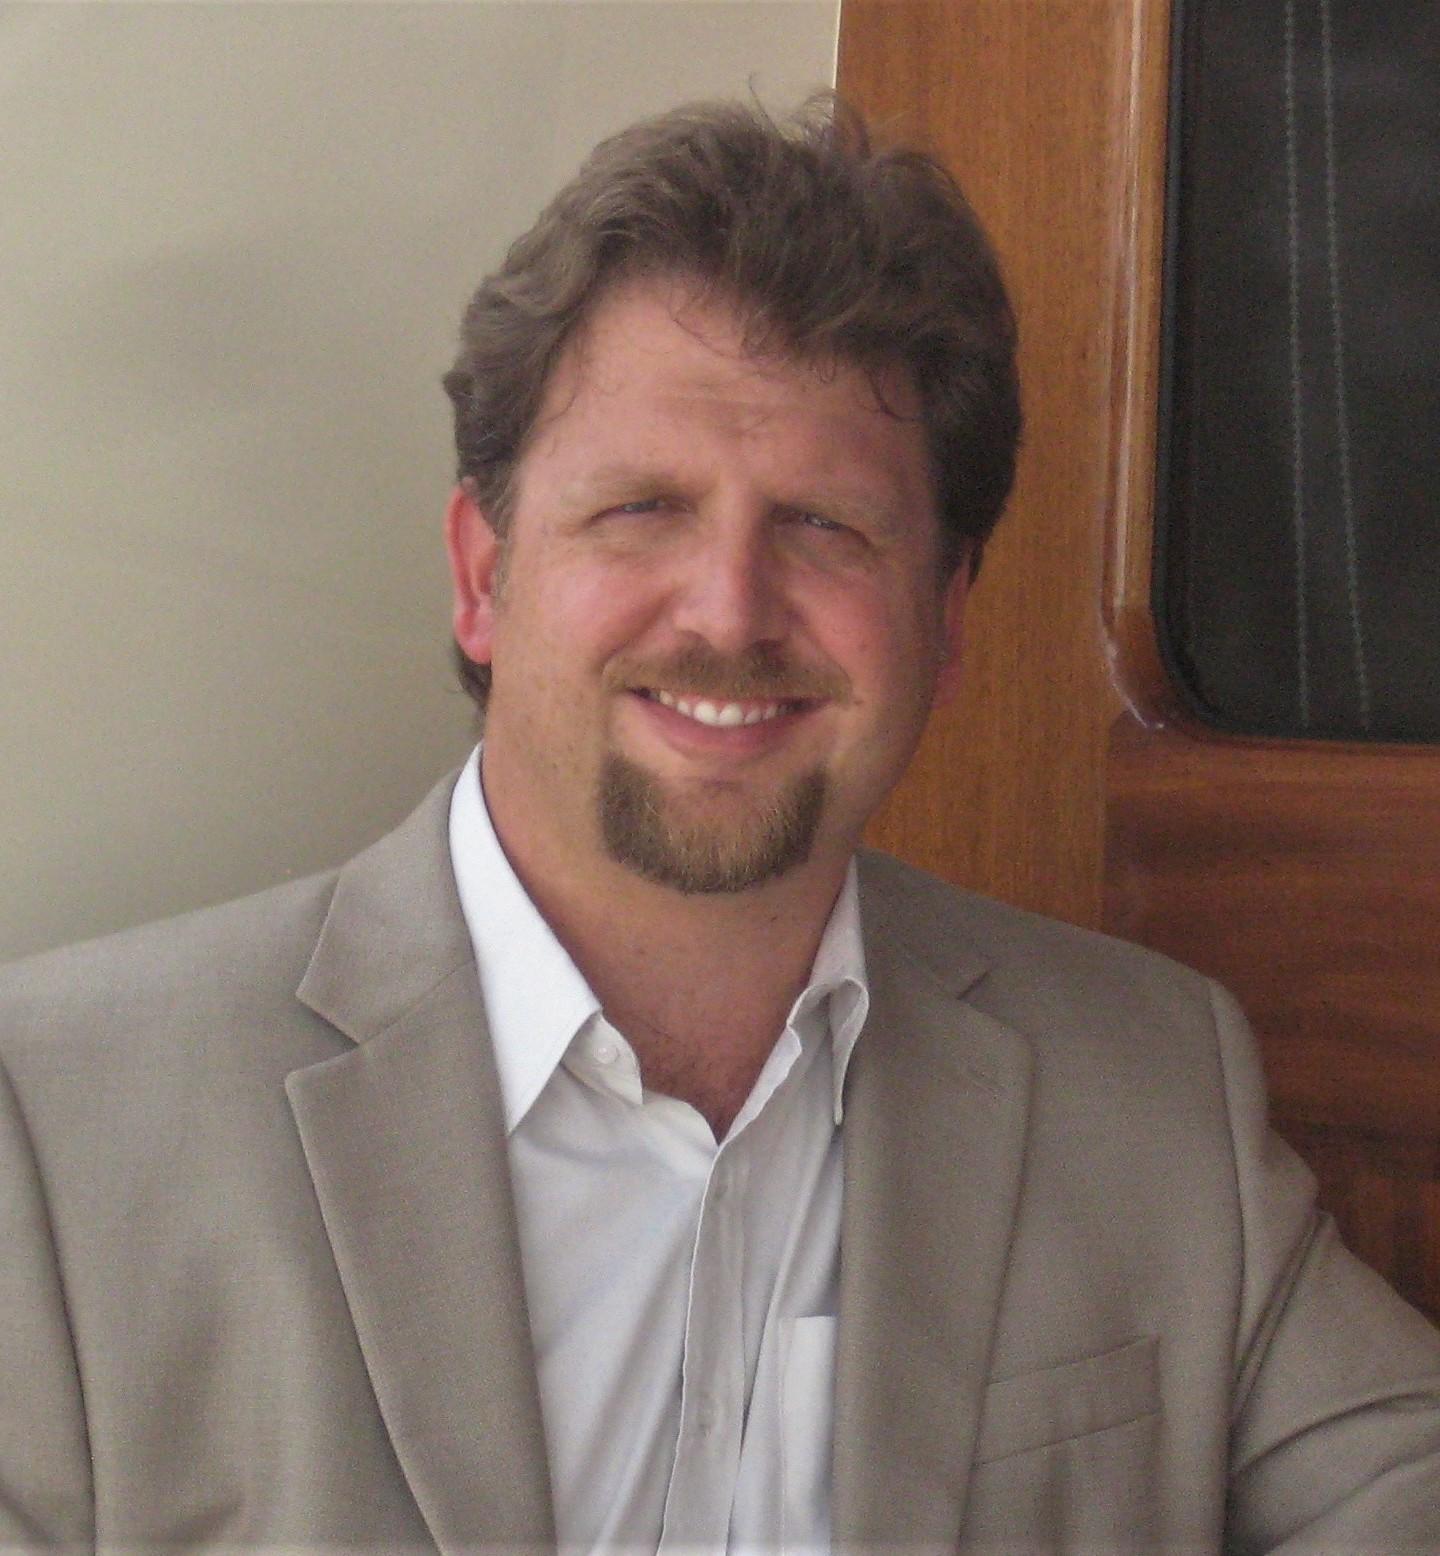 Dirk Boehmer